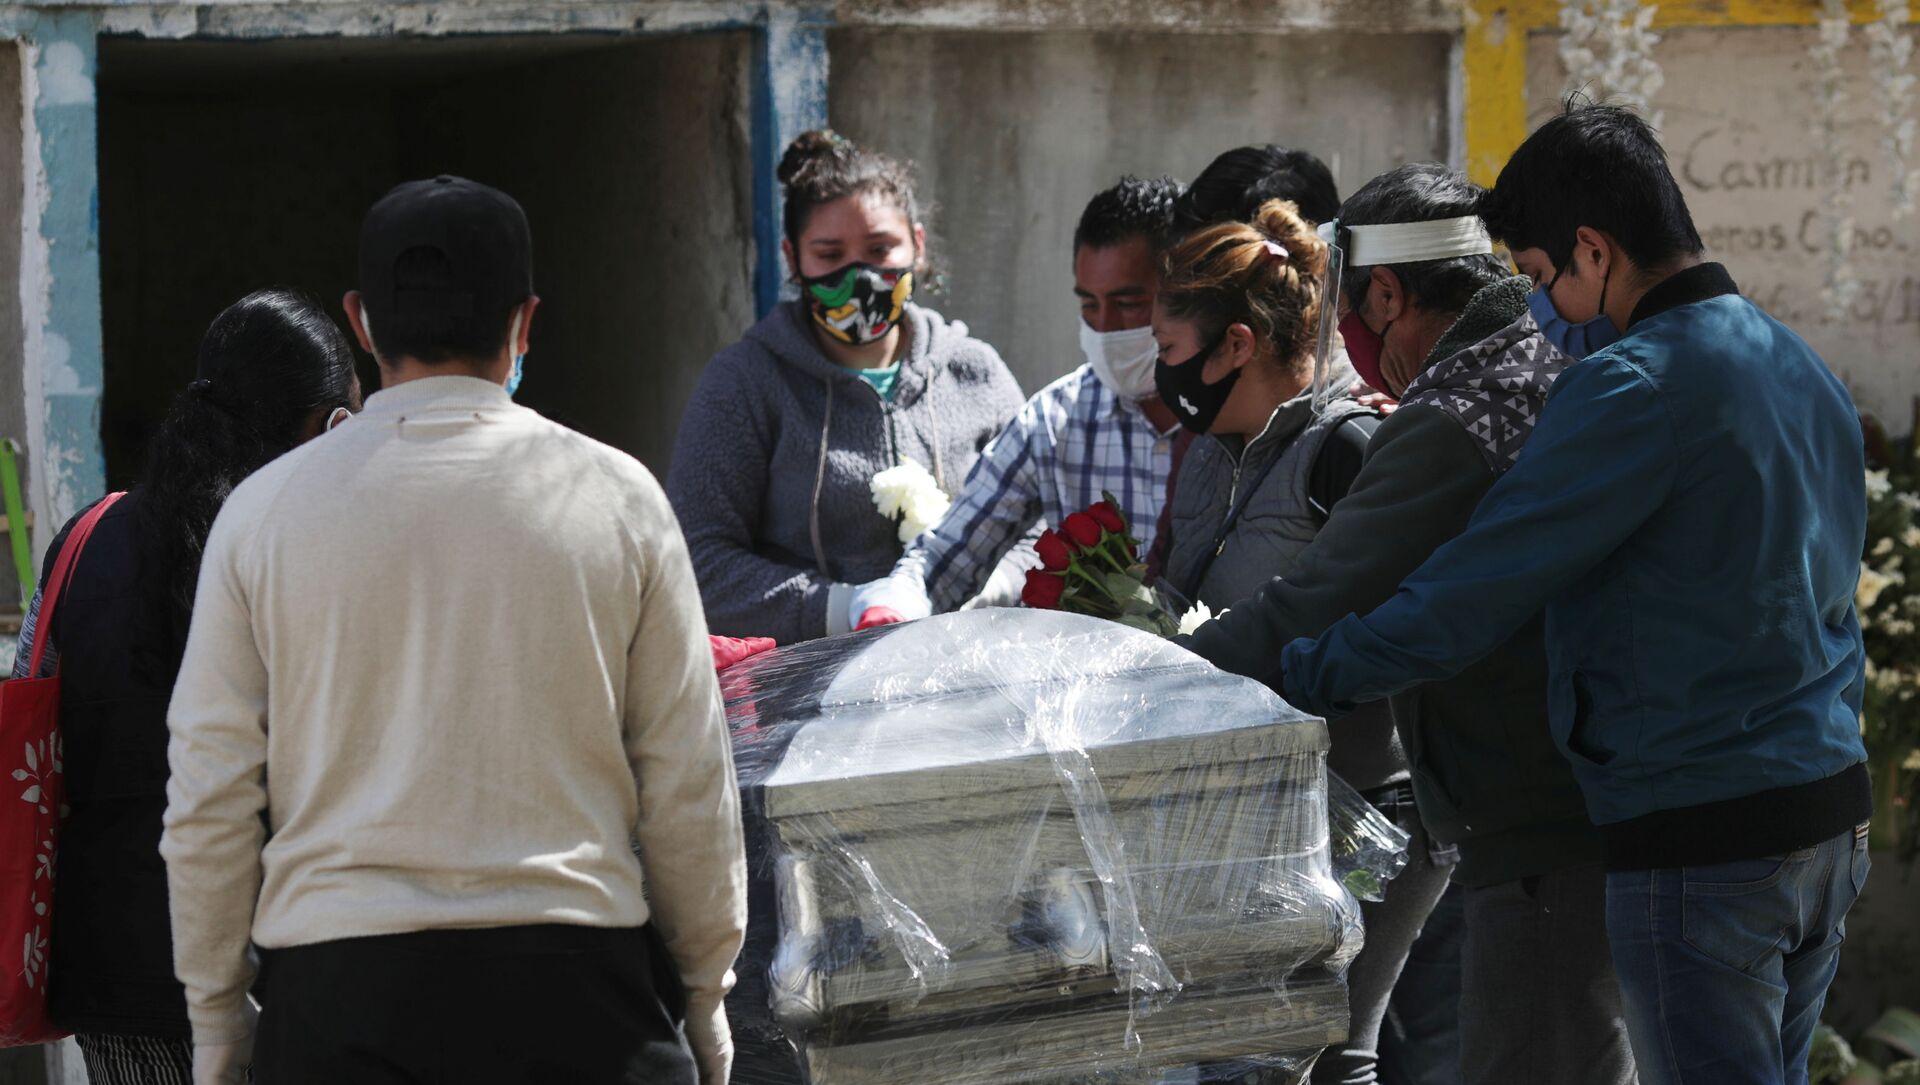 Funeral de una persona fallecida por las enfermedades provocadas por el nuevo coronavirus, México - Sputnik Mundo, 1920, 09.02.2021